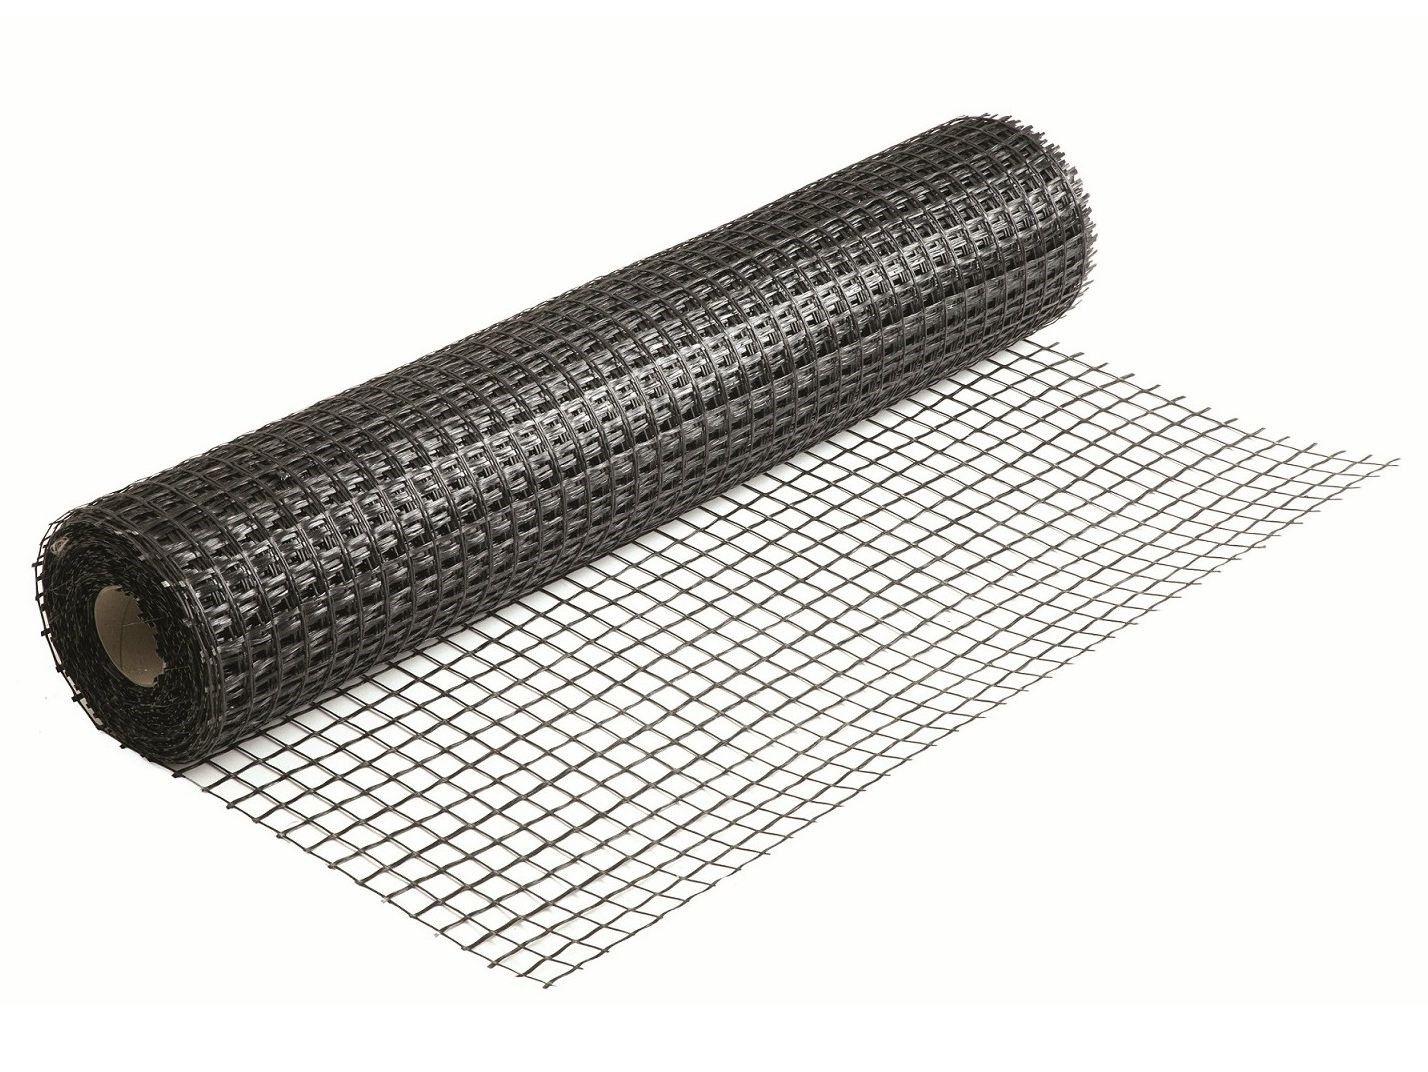 treillis d armature en fibre de verre fassanet zr 225 ligne consolidation des murs by fassa. Black Bedroom Furniture Sets. Home Design Ideas